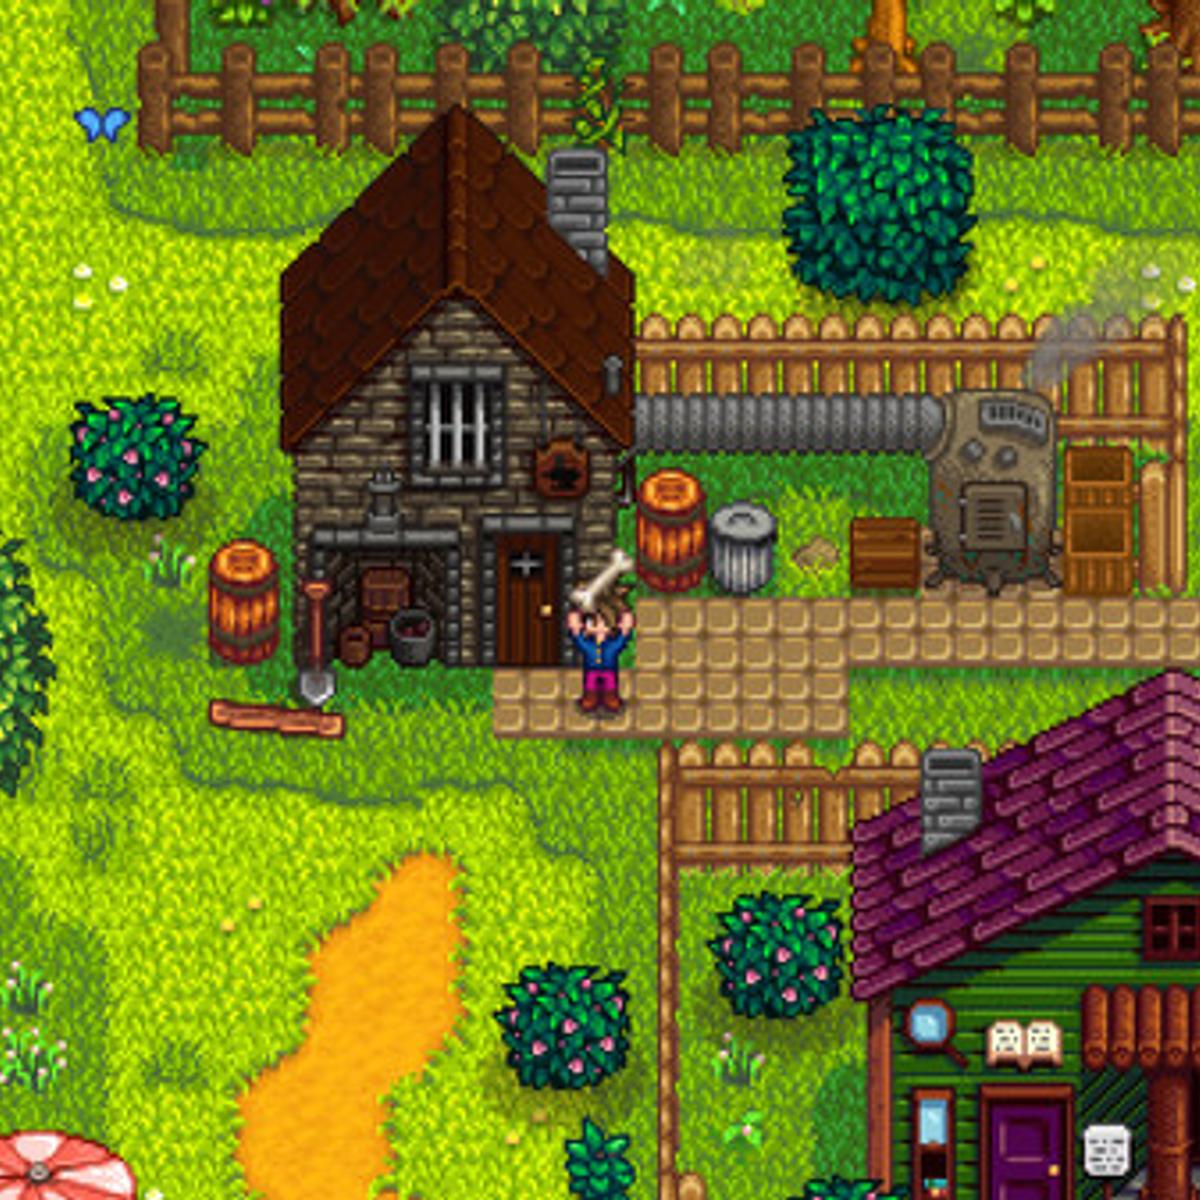 Stardew Valley Alternatives and Similar Games - AlternativeTo net